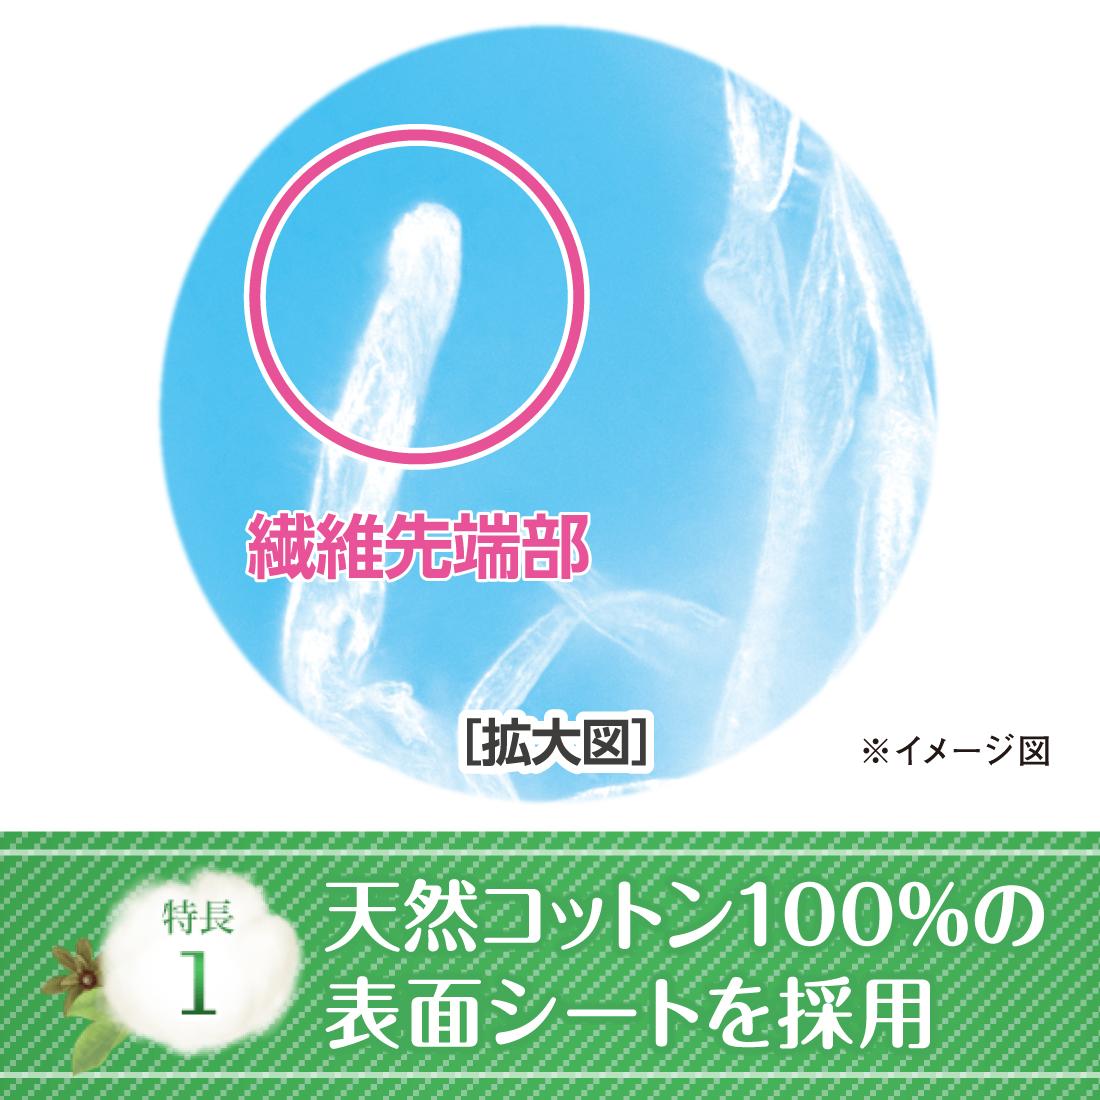 アテントコットン100%自然素材パッド安心少量3